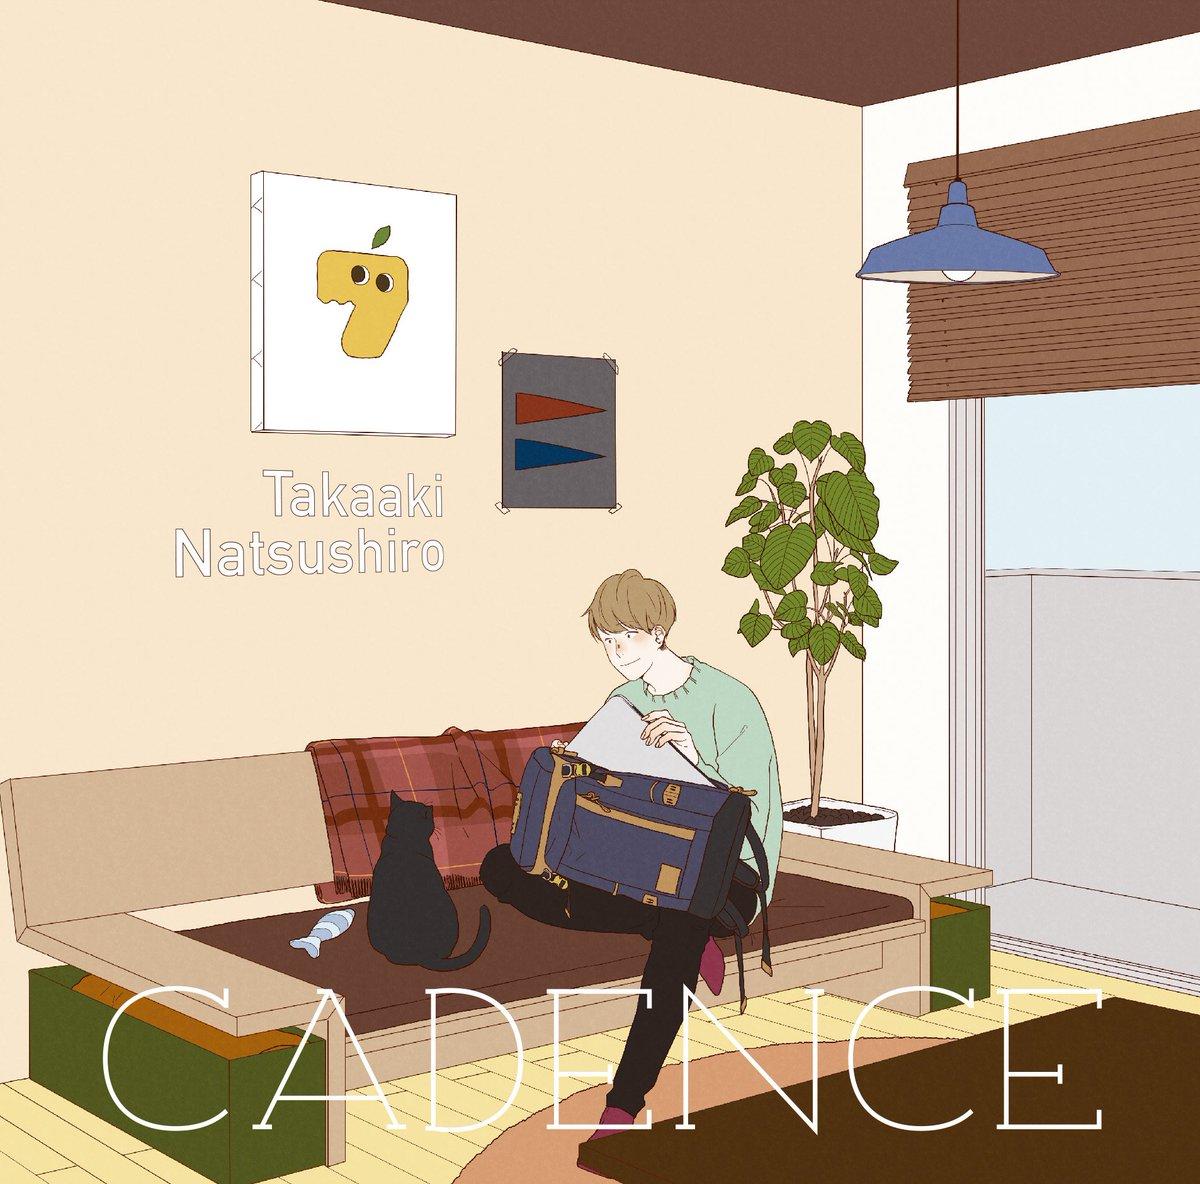 【告知】夏代孝明様の2nd Single「ケイデンス」の通常盤・アーティスト盤のジャケットイラストを担当しました。なんと